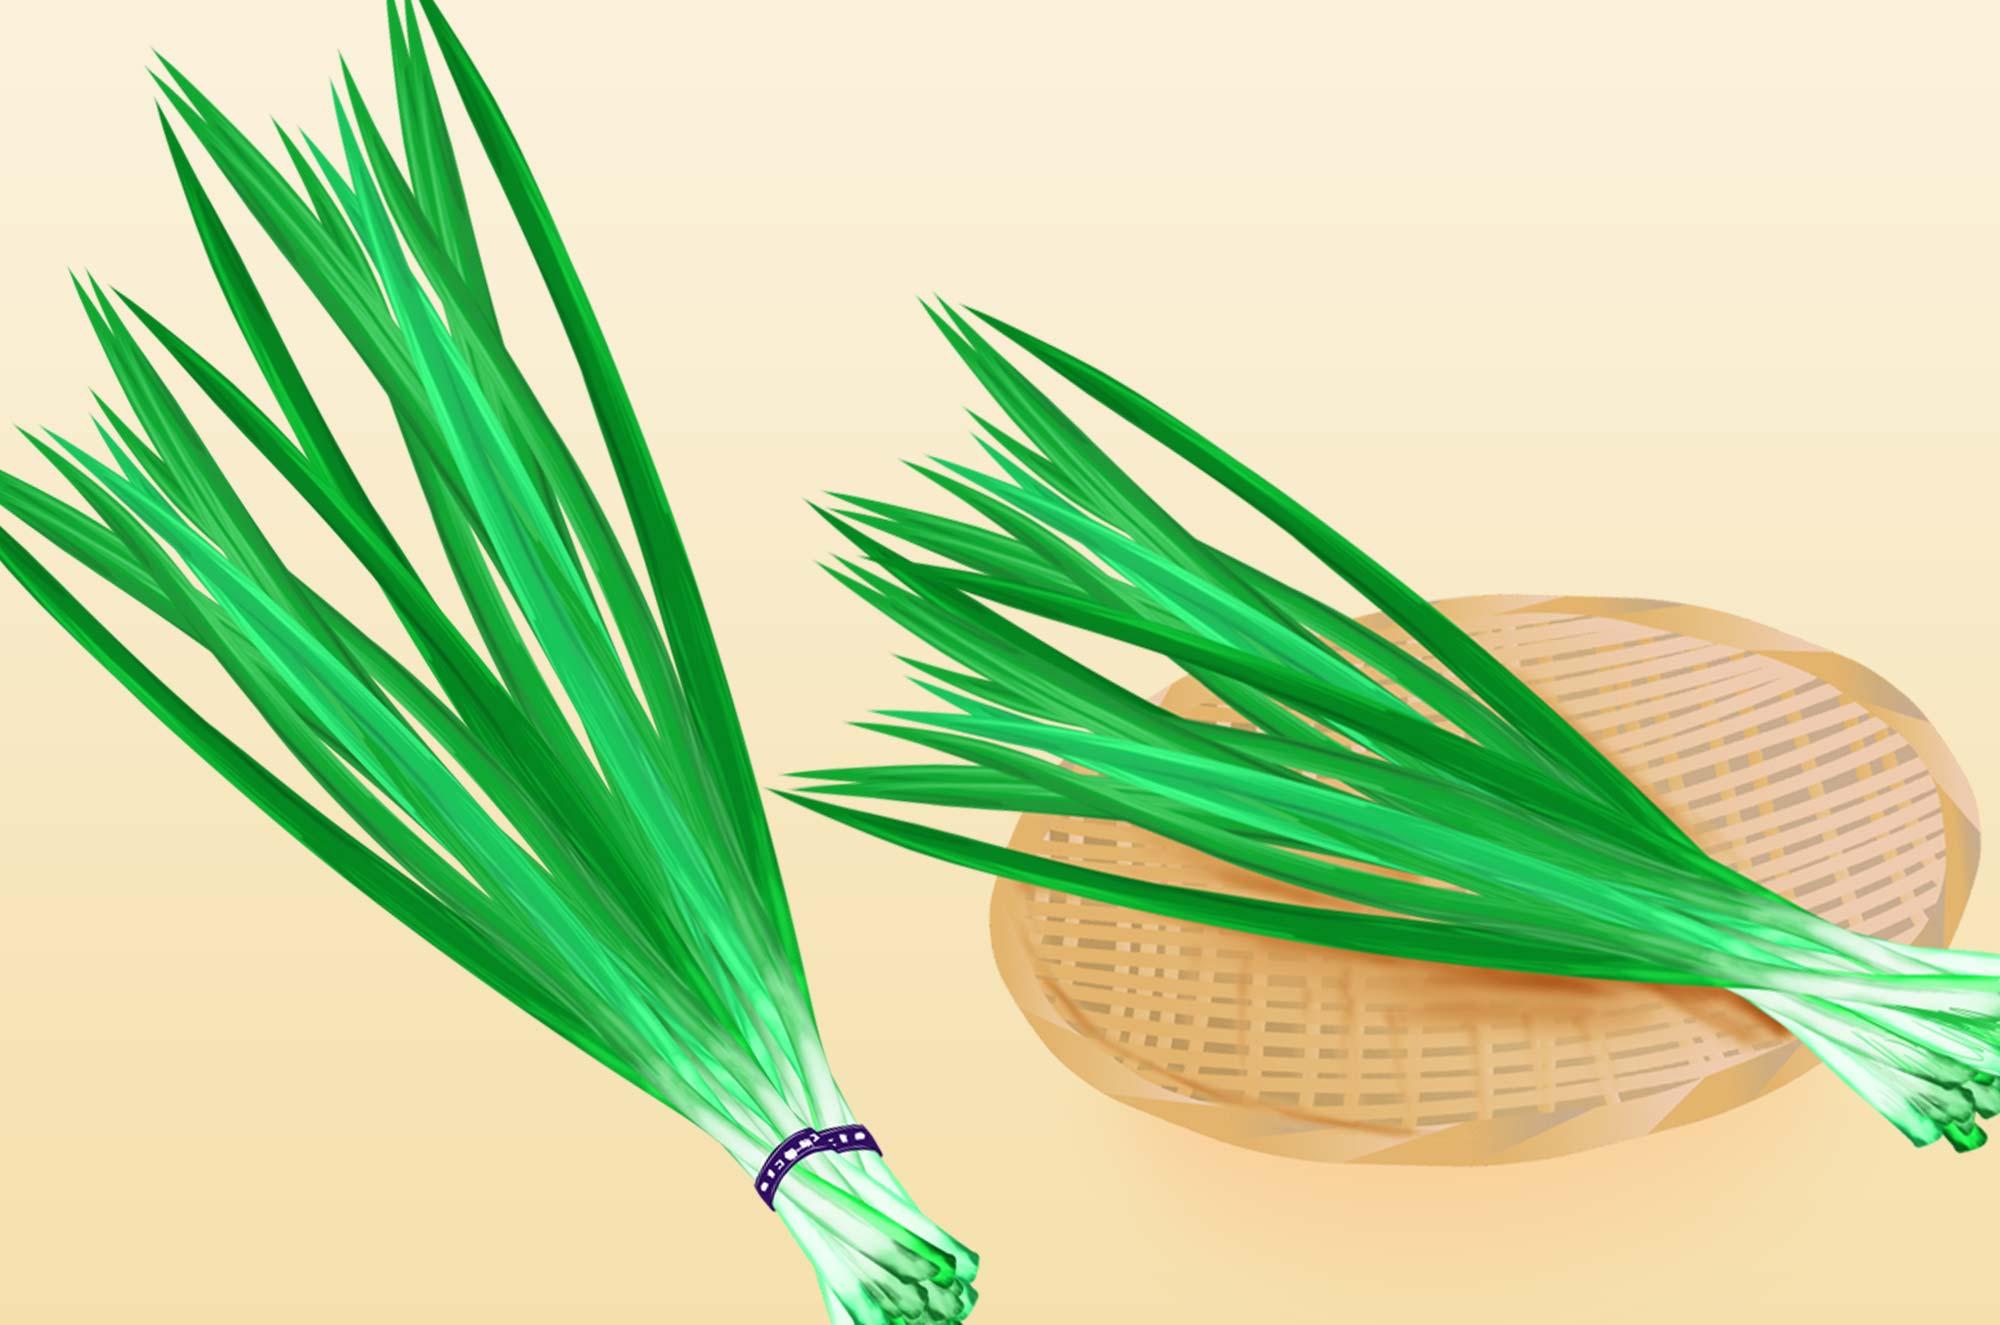 にらのイラスト - リアル・水彩タッチの野菜無料素材